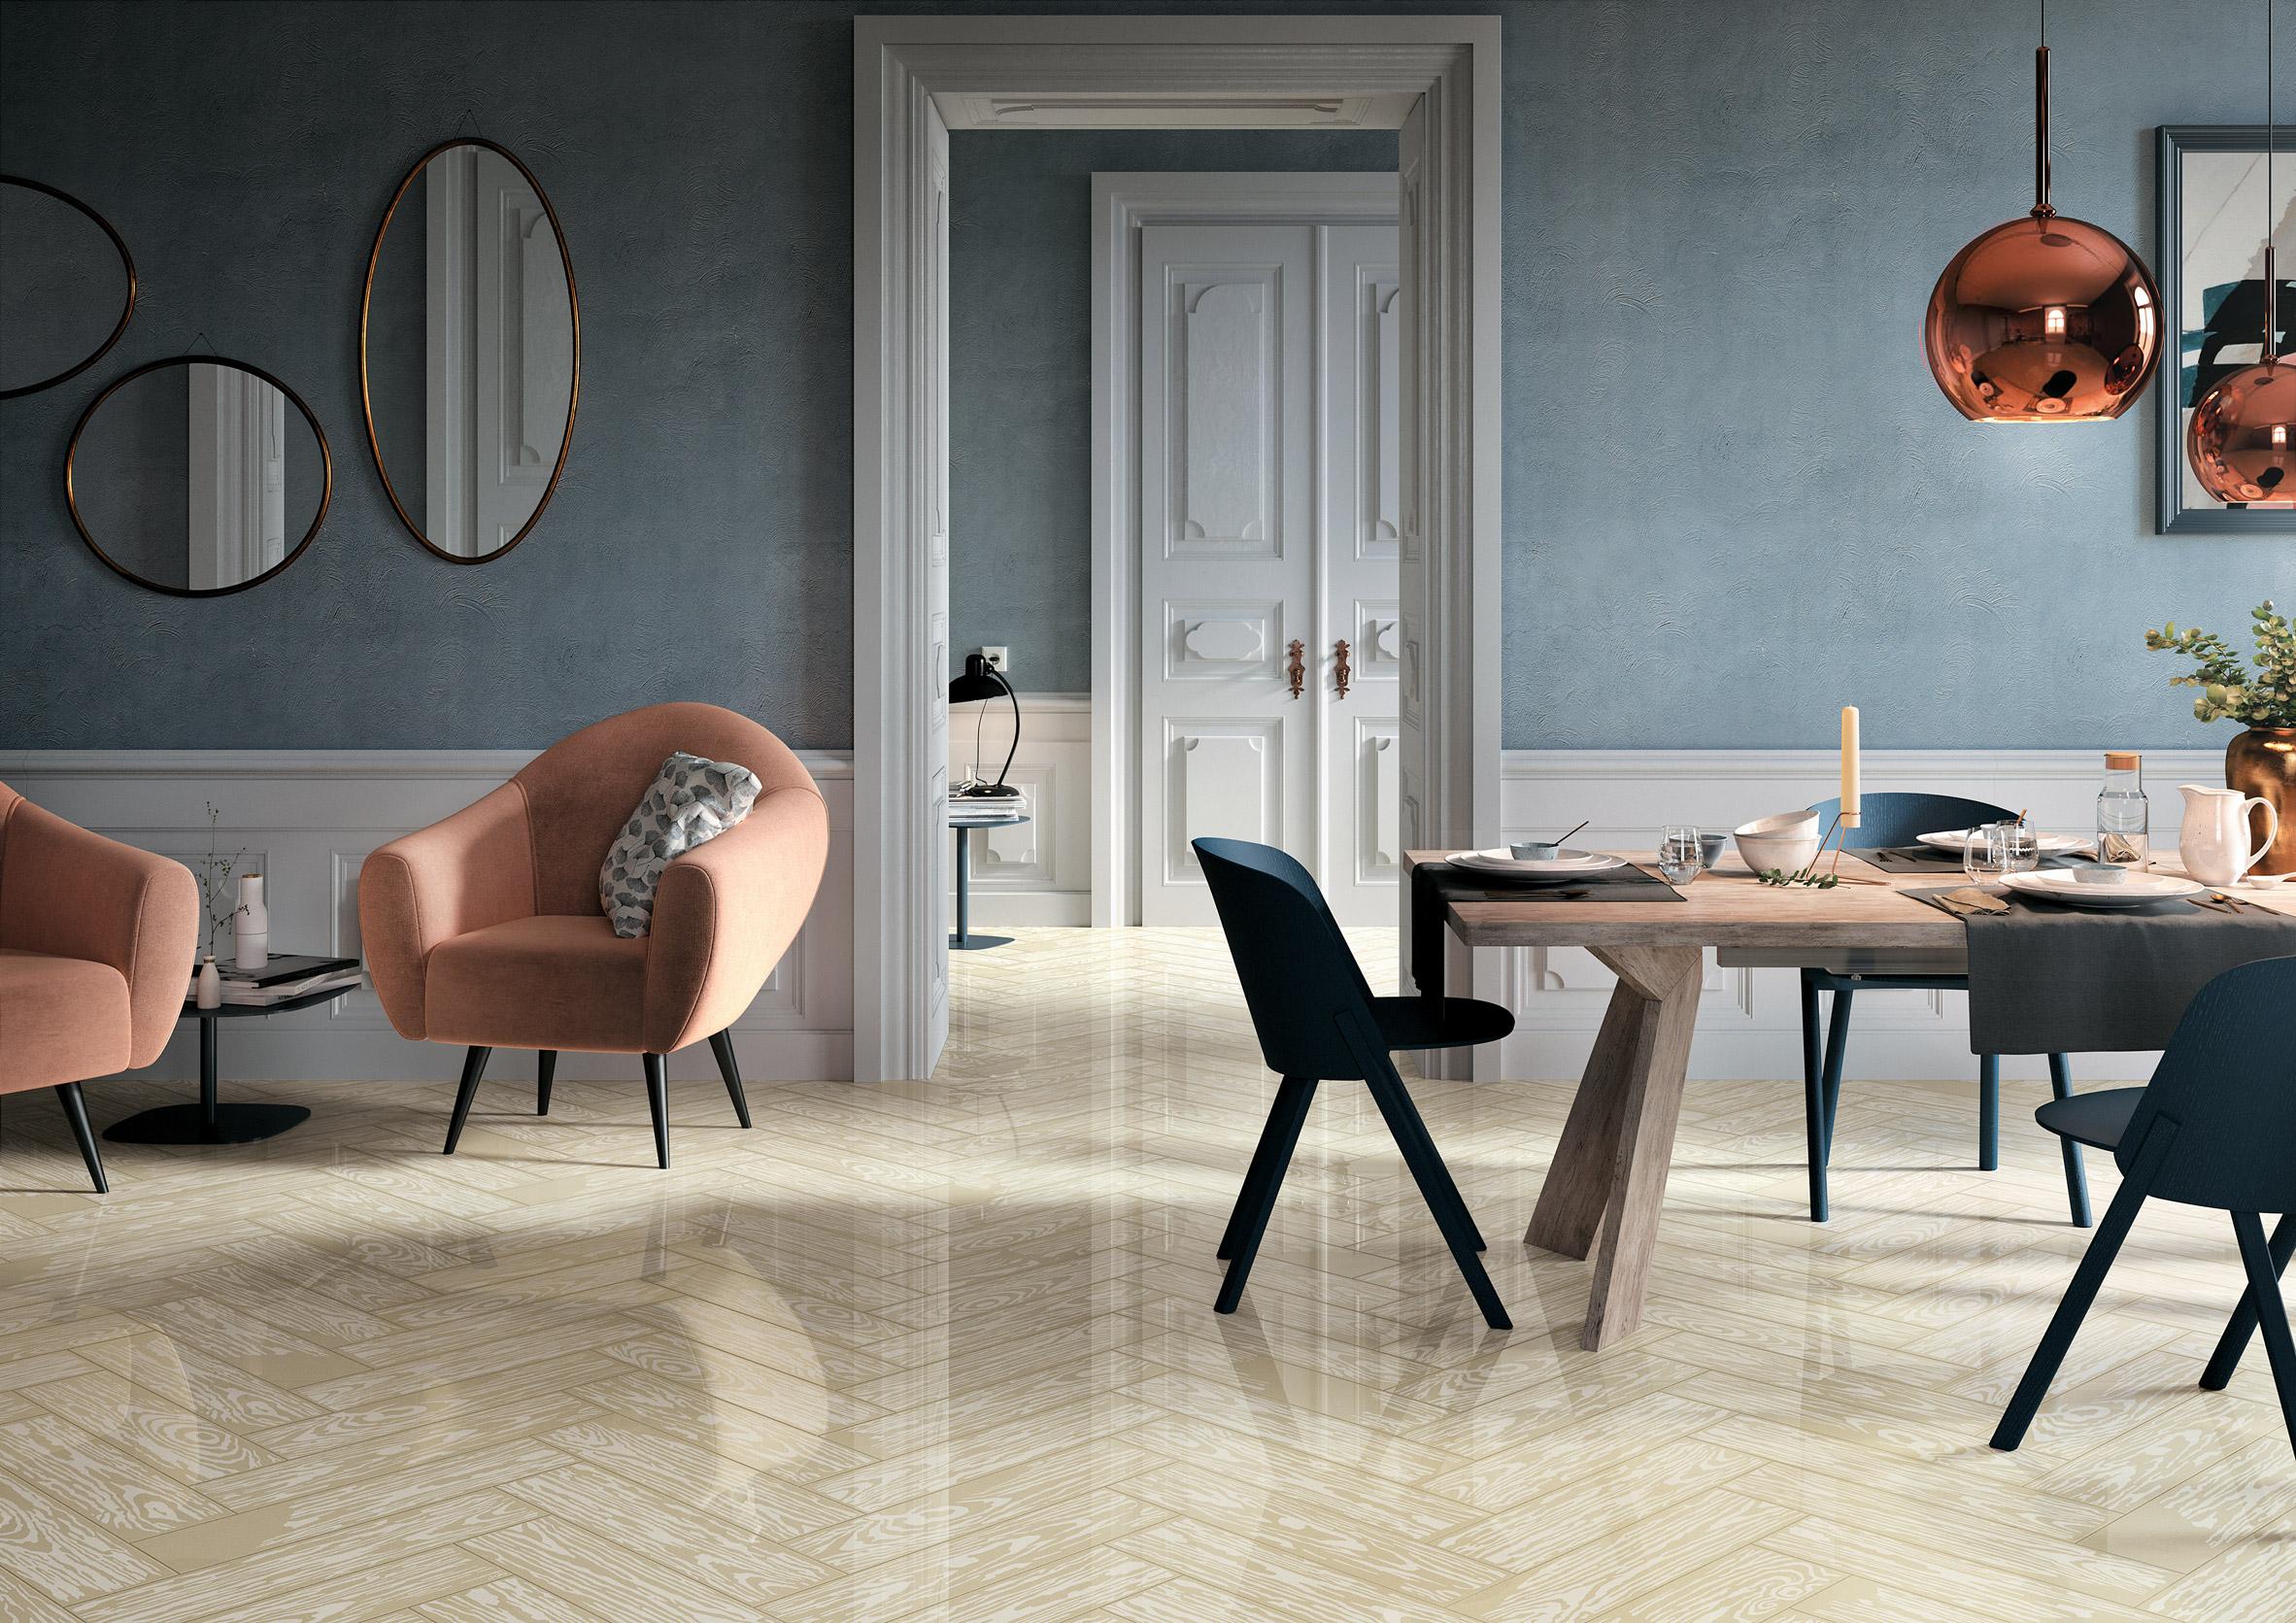 Pop art informs floor tile collaboration between Mirage and Studio Job